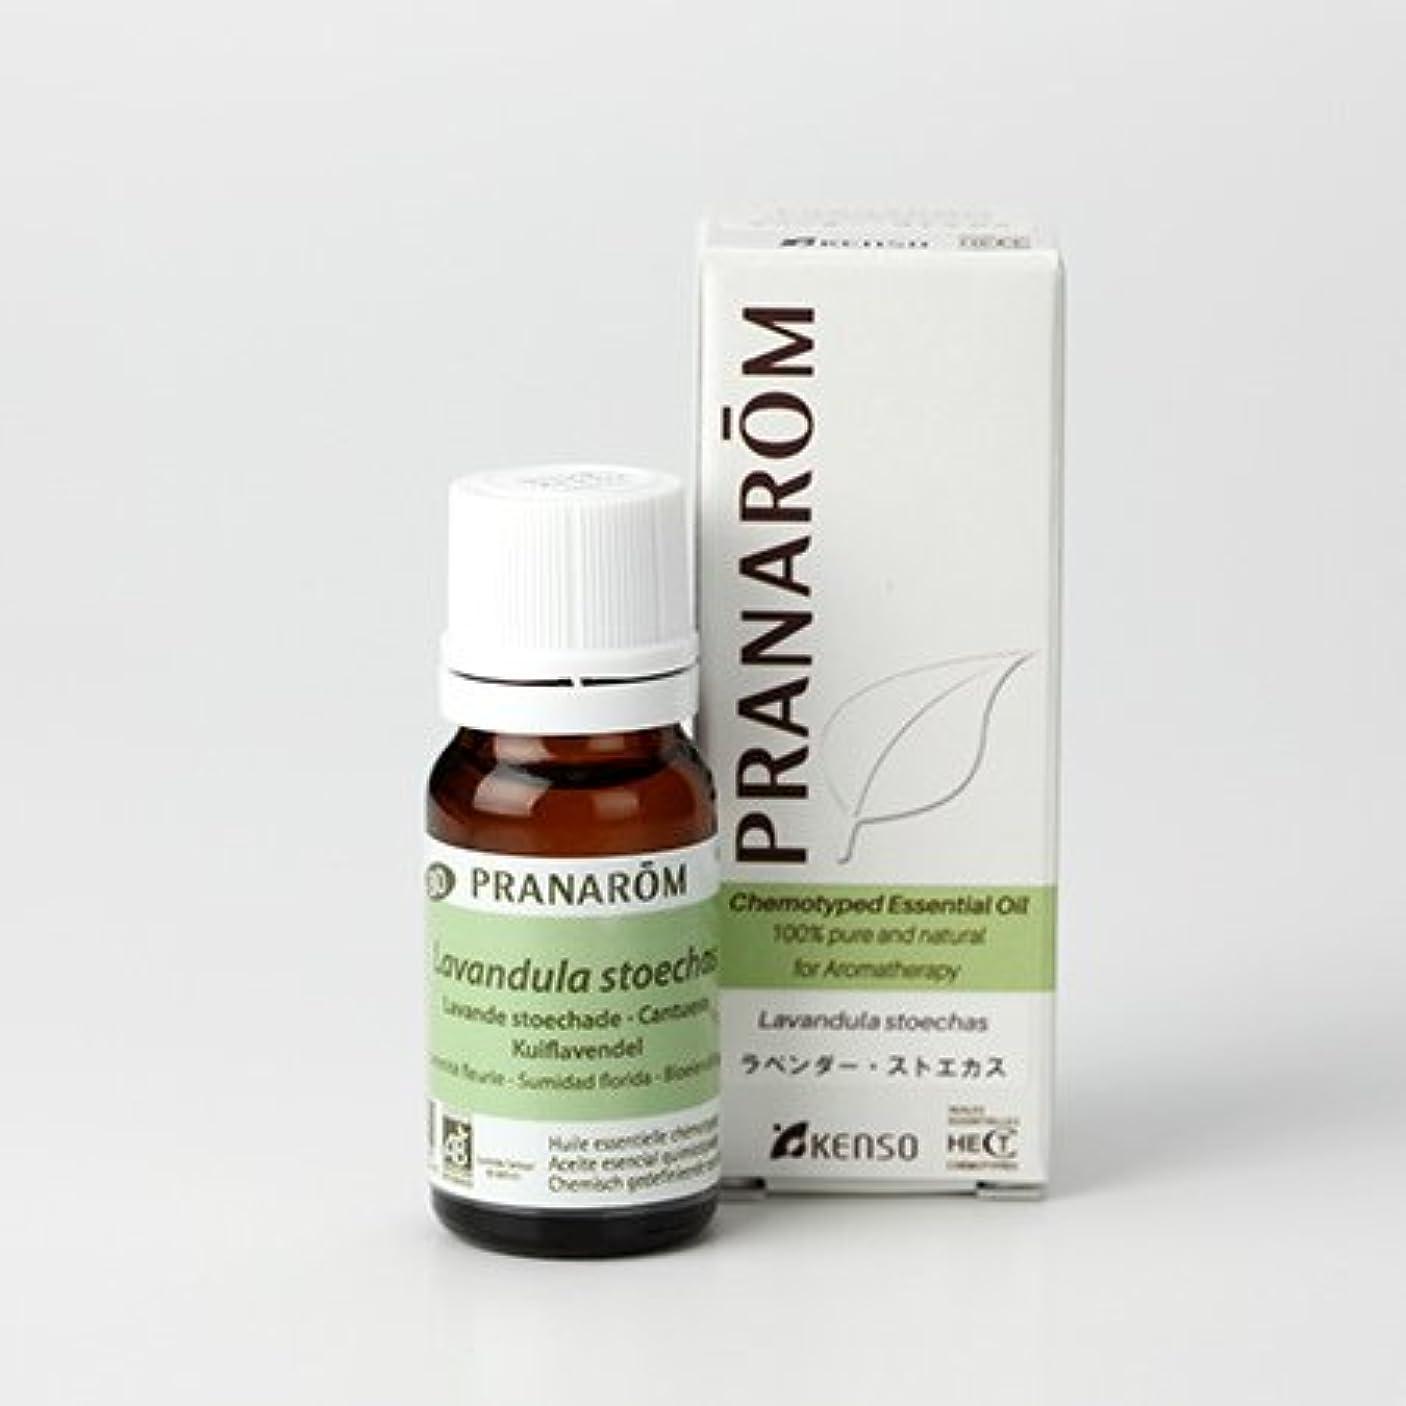 ロータリーアフリカ人クラシックプラナロム ラベンダーストエカス 10ml (PRANAROM ケモタイプ精油)